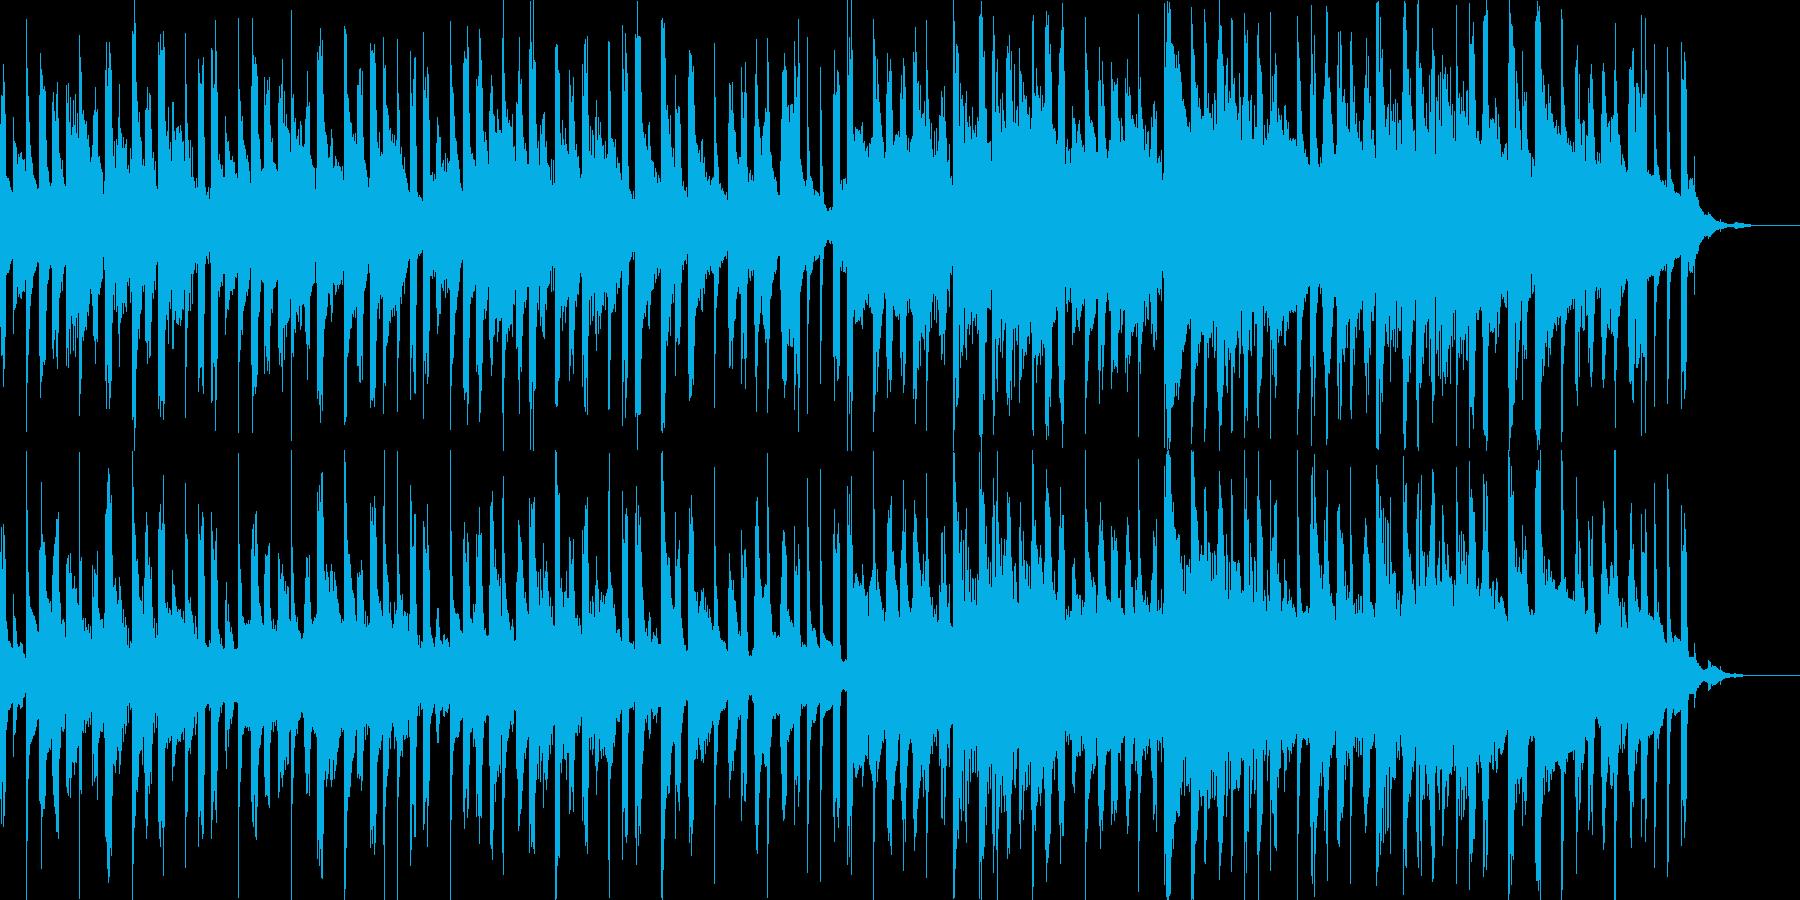 かわいい爽やかなオープニングBGMの再生済みの波形